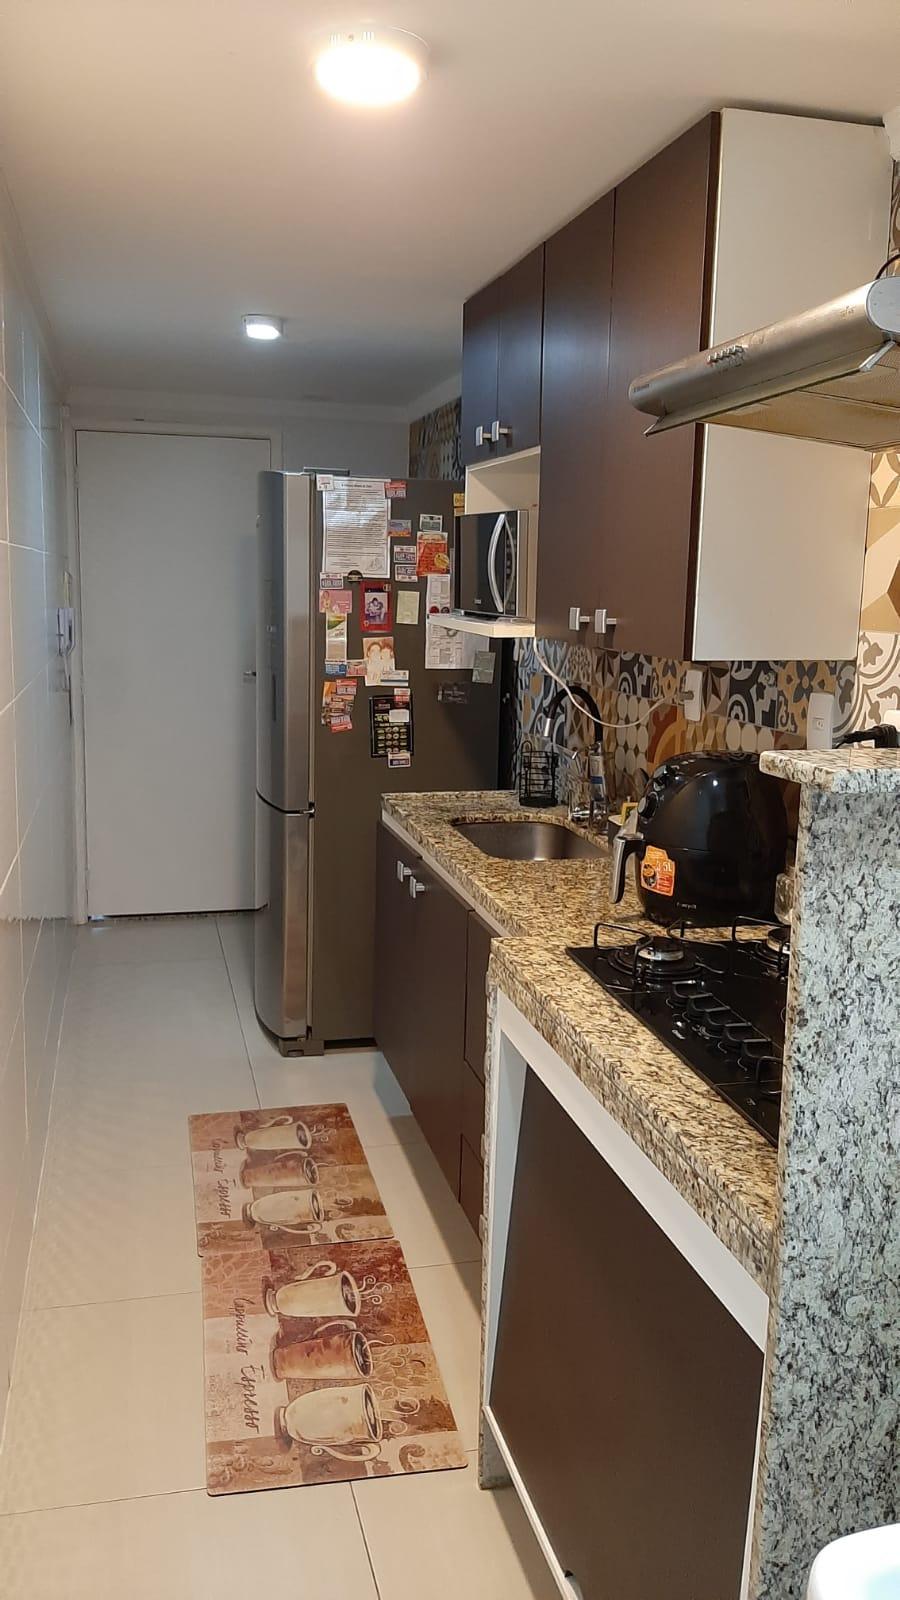 FOTO 03 - Cobertura 3 quartos à venda Rio de Janeiro,RJ - R$ 600.000 - CO00025 - 4